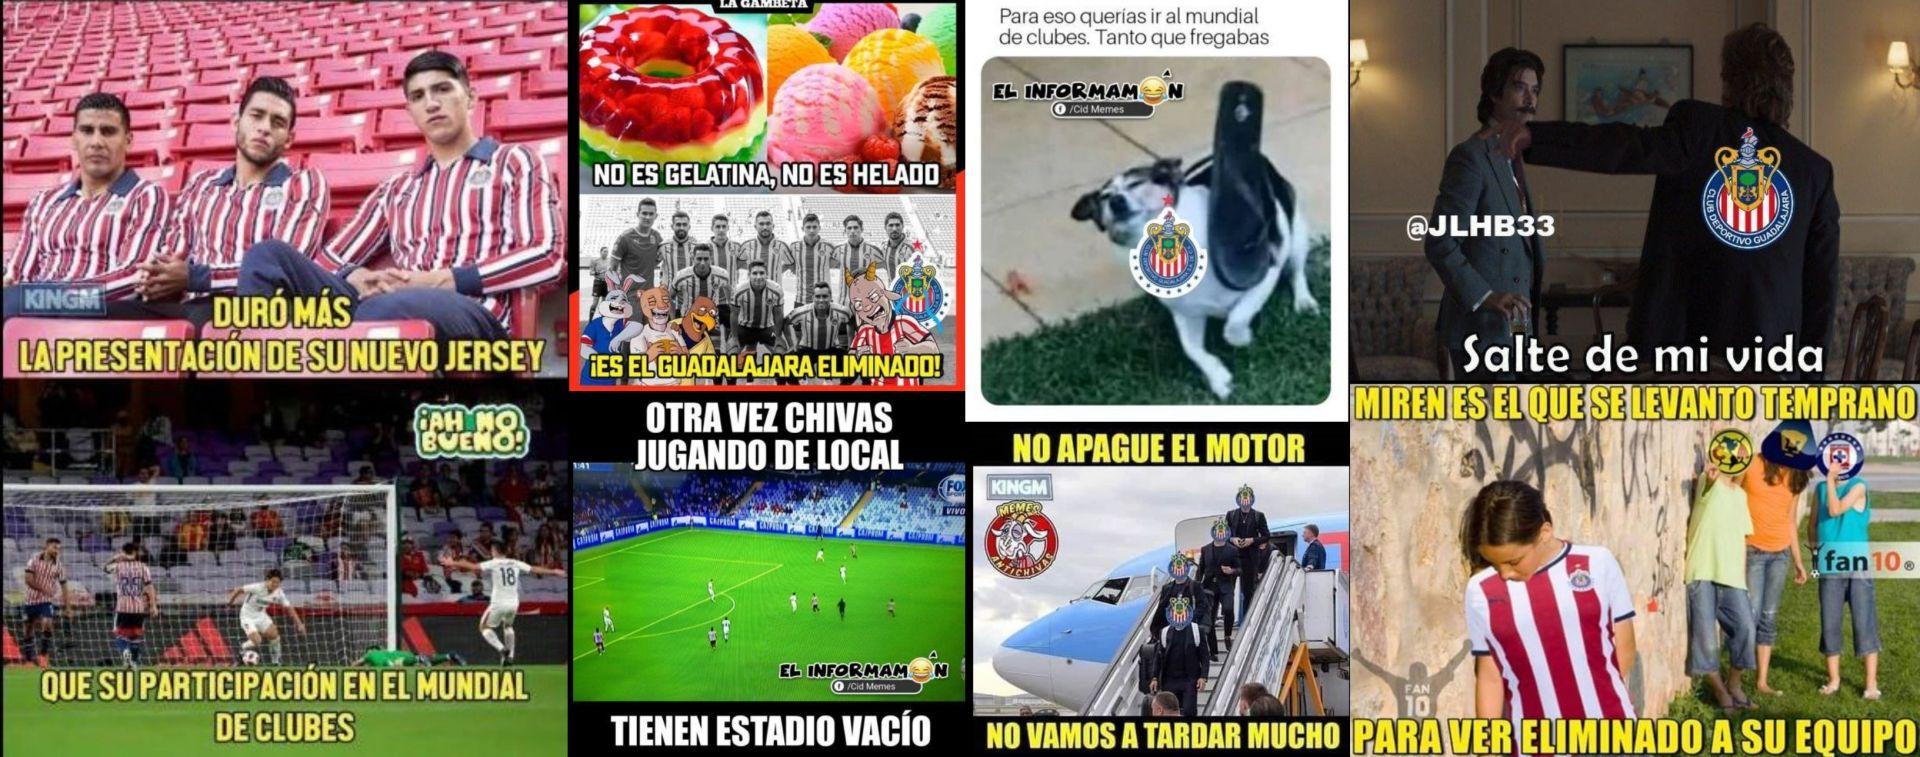 Los memes del fracaso de Chivas en el Mundial de Clubes b40c661395100